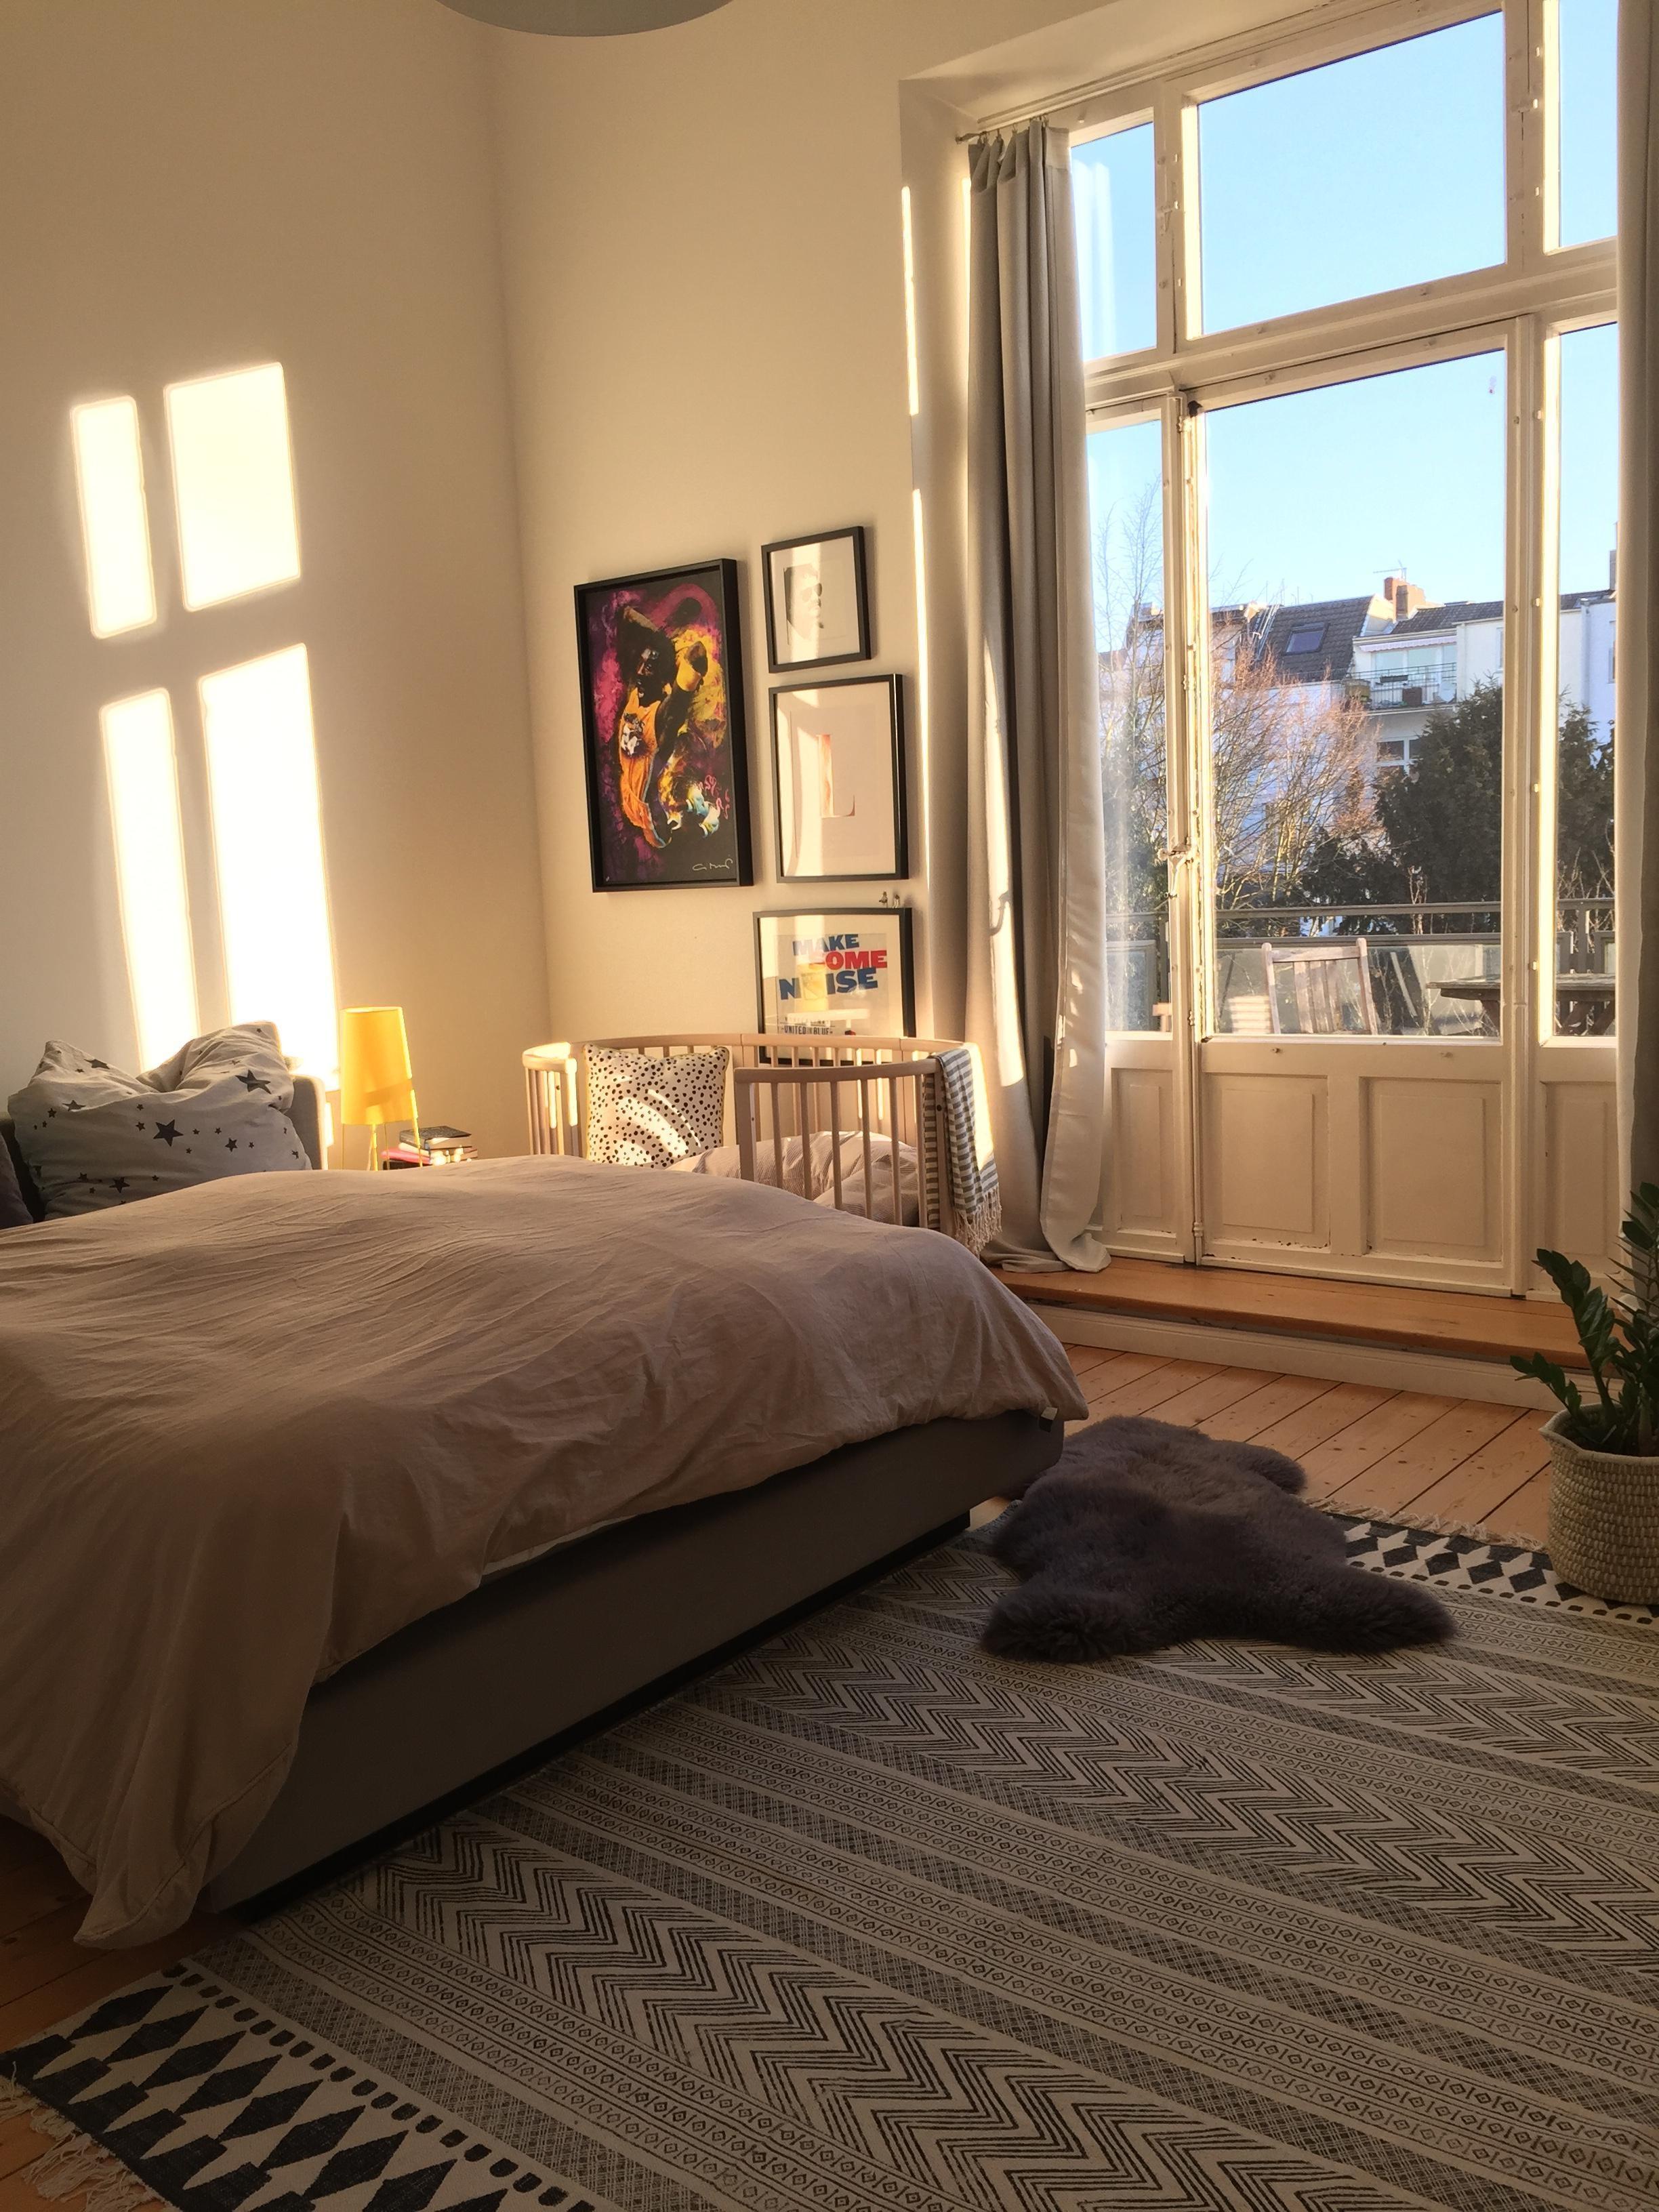 kinderbett: schöne wohnideen für die kleinen bei couch!